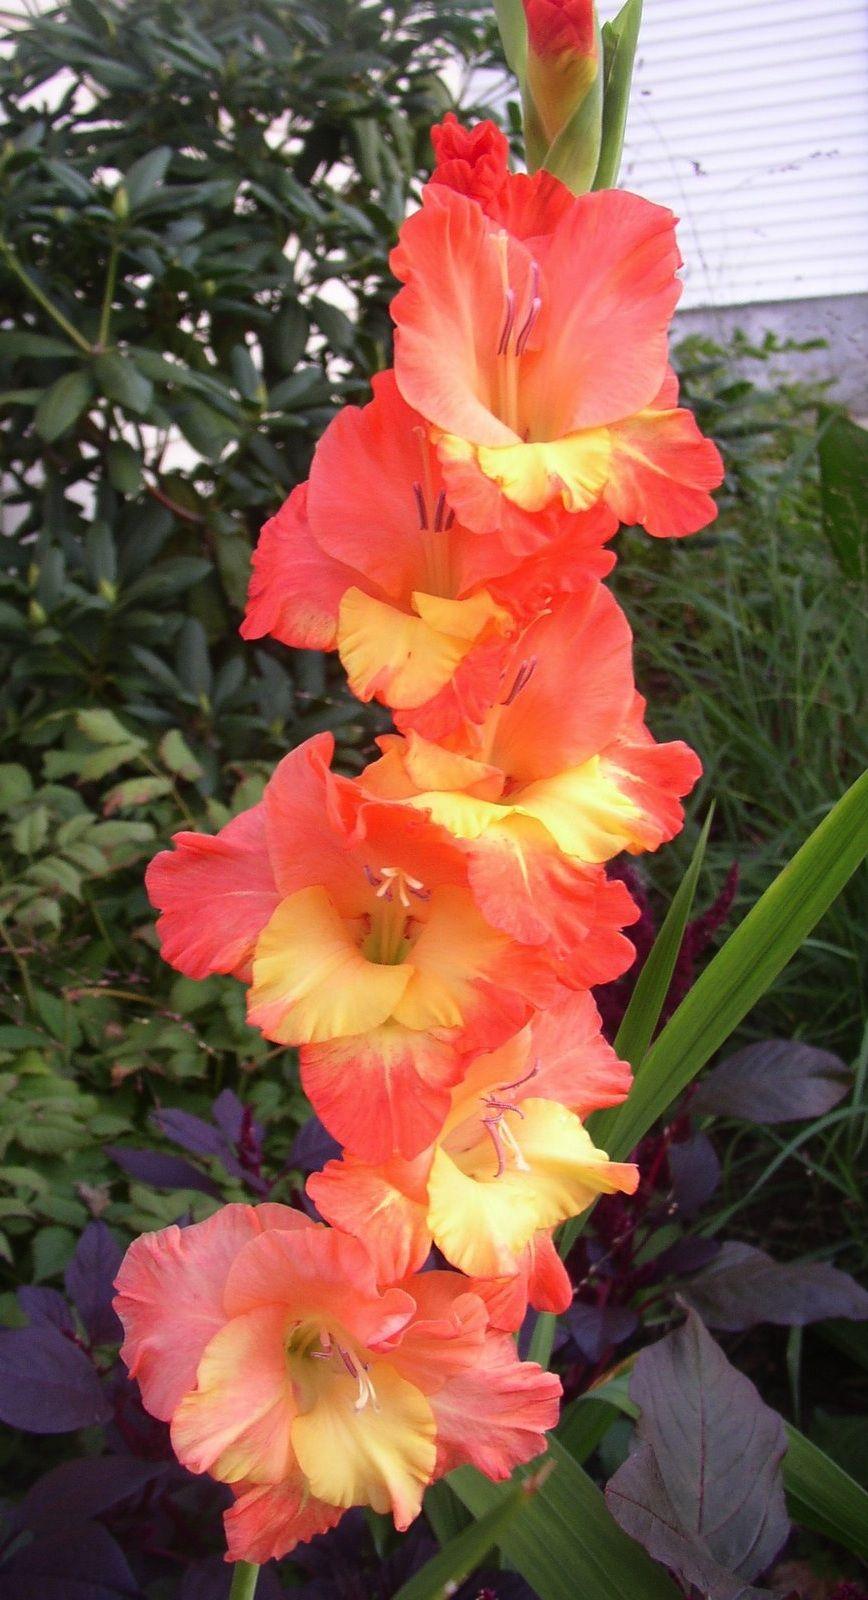 Gladiolus Apricot Dream Gladiolus Gladiolus Flower Pretty Flowers Gladiolus